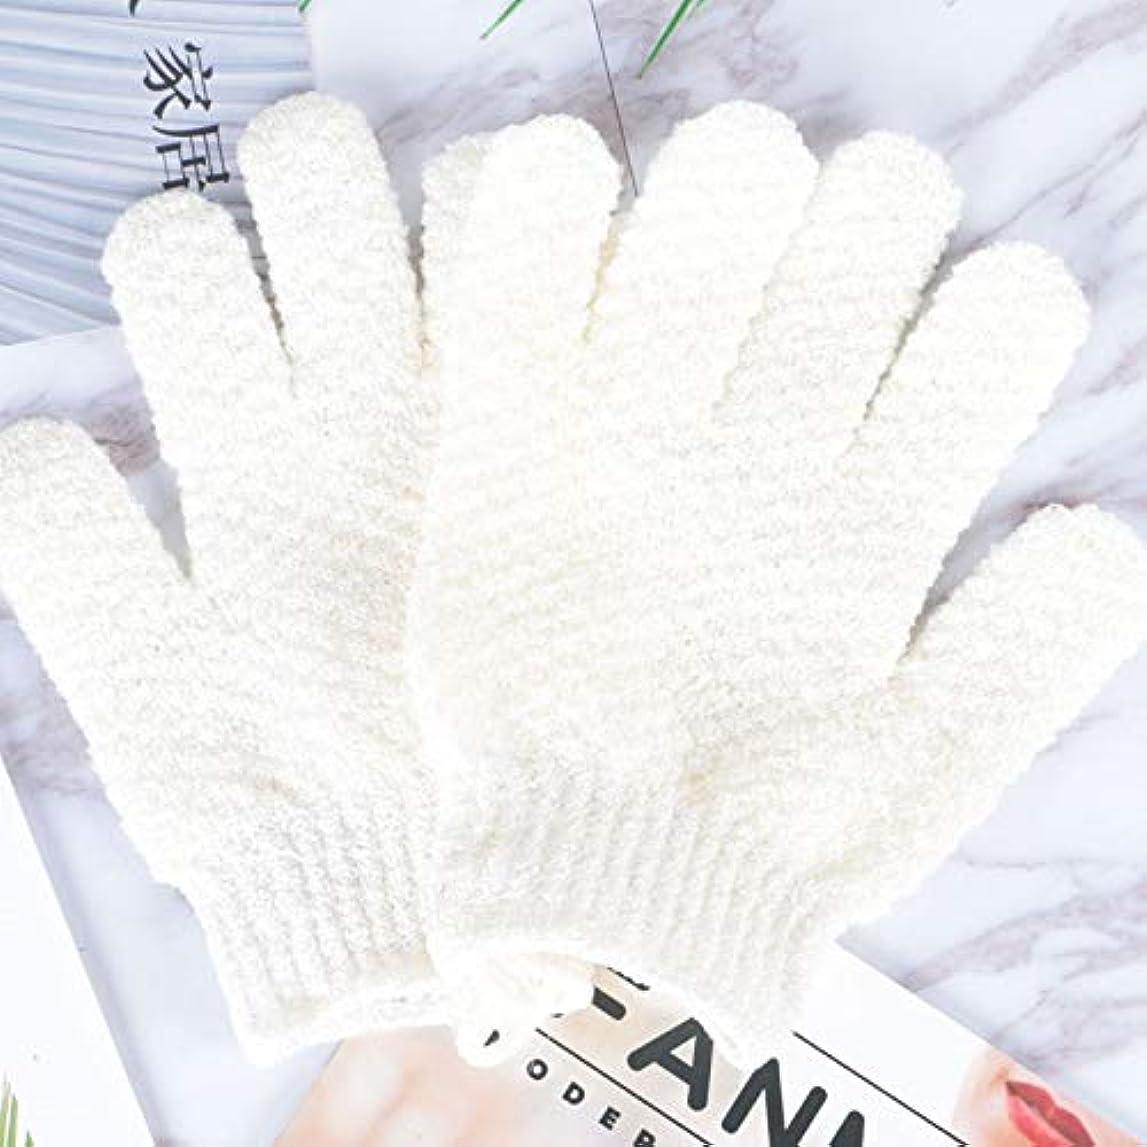 確率肝上に築きますBTXXYJP お風呂用手袋 あかすり シャワー手袋 ボディタオル ボディブラシ やわらか バス用品 角質除去 (Color : GREEN-B)